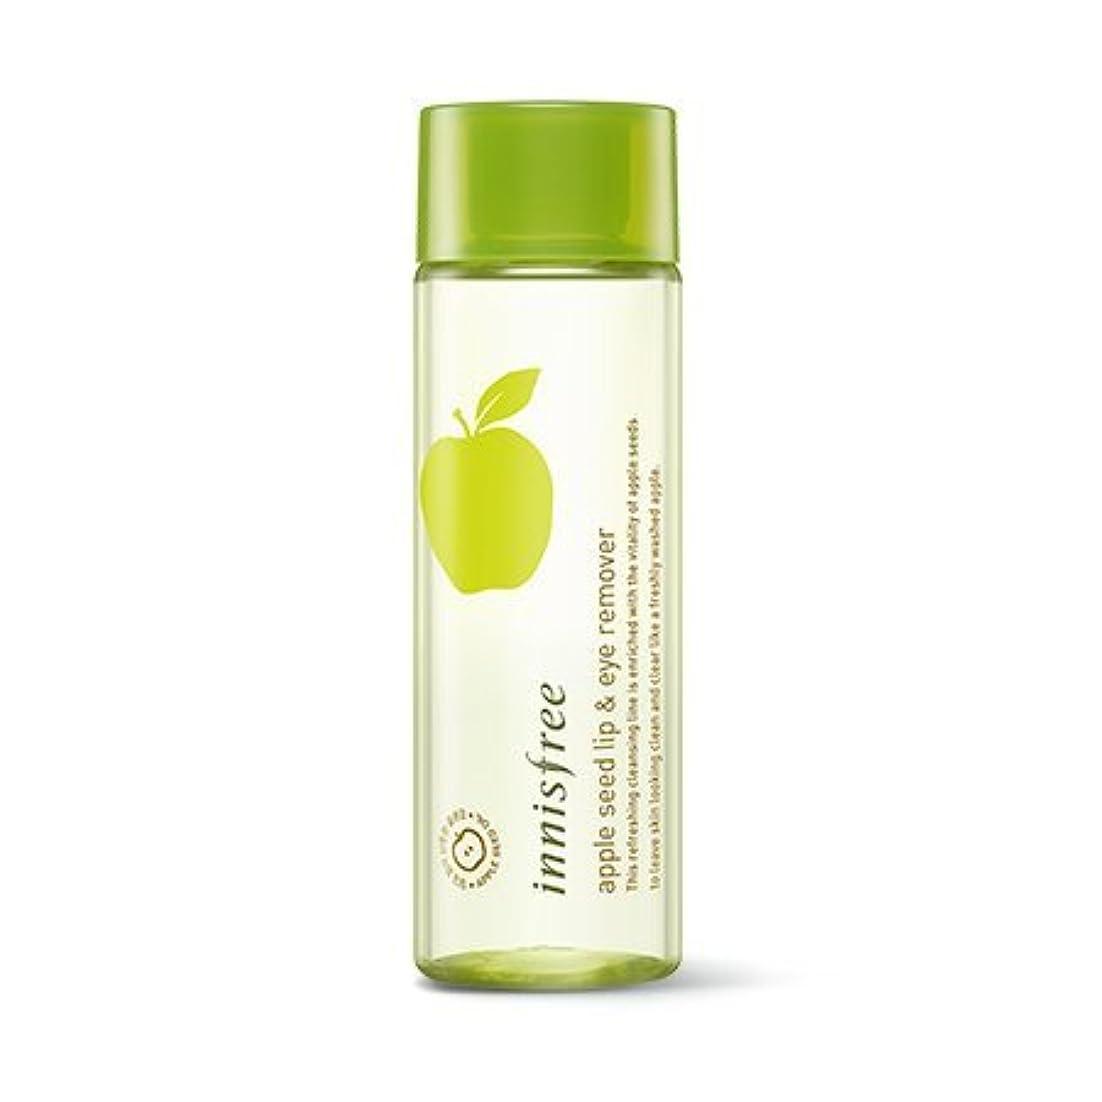 膜技術的なしないでください[New] innisfree Apple Seed Lip & Eye Remover 100ml/イニスフリー アップル シード リップ&アイ リムーバー 100ml